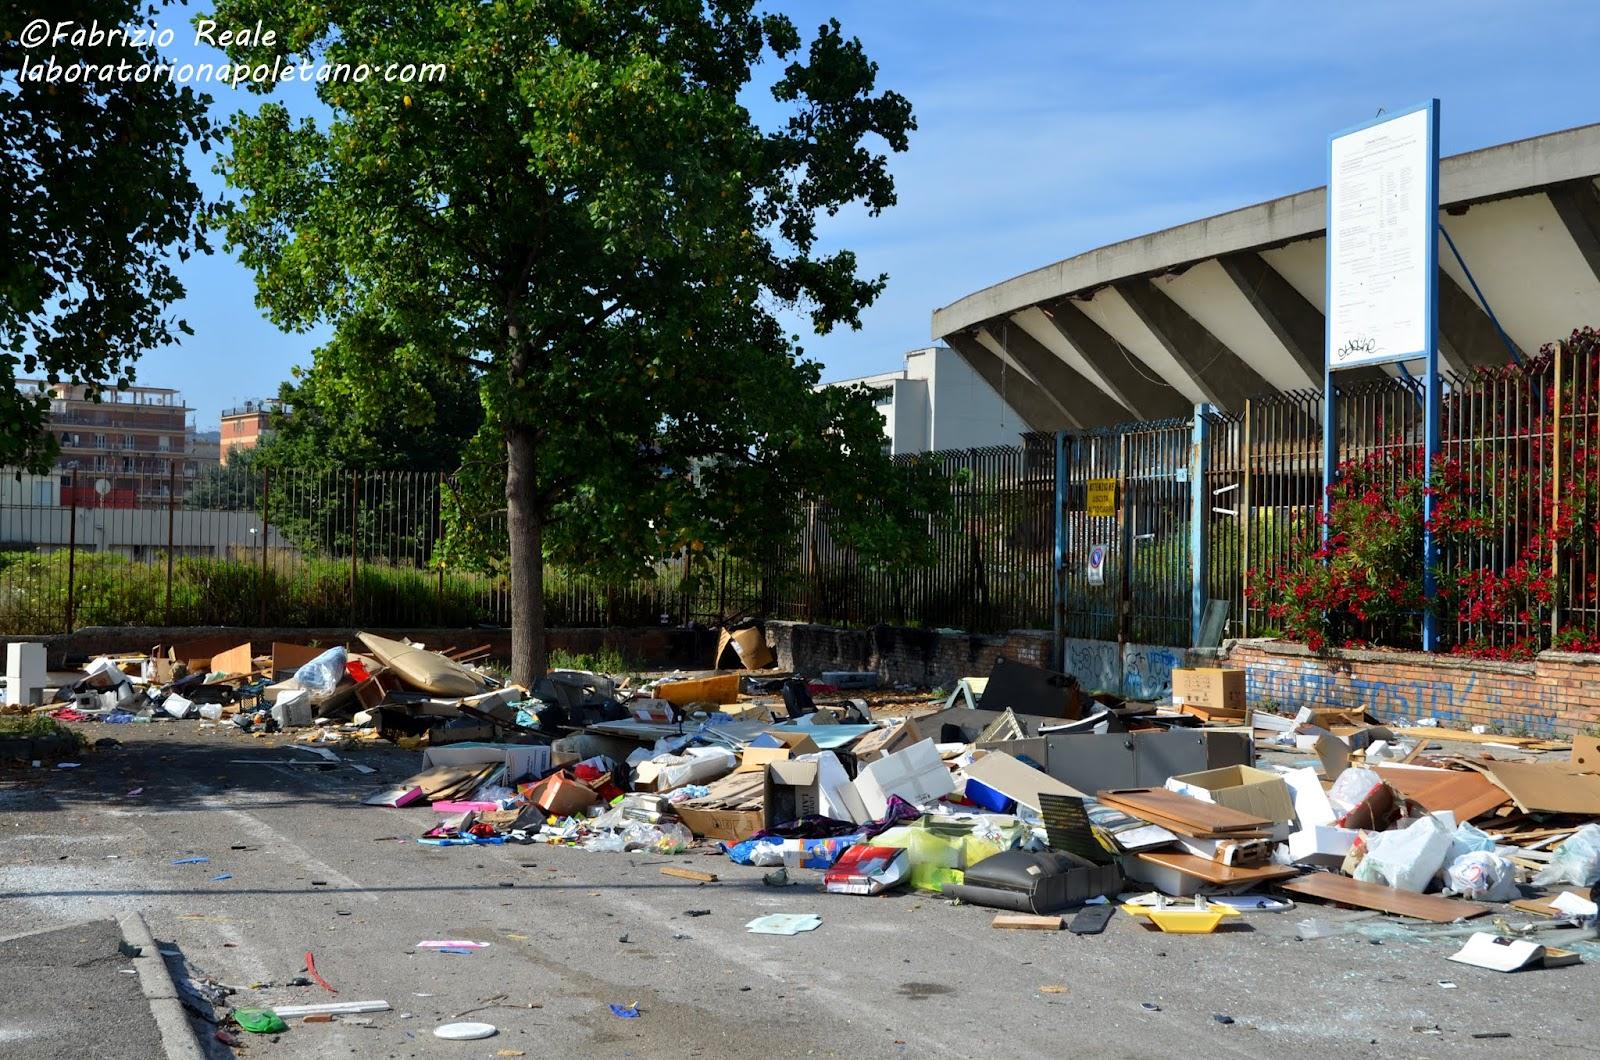 ... : Discarica di rifiuti accanto alle strutture sportive (Fuorigrotta